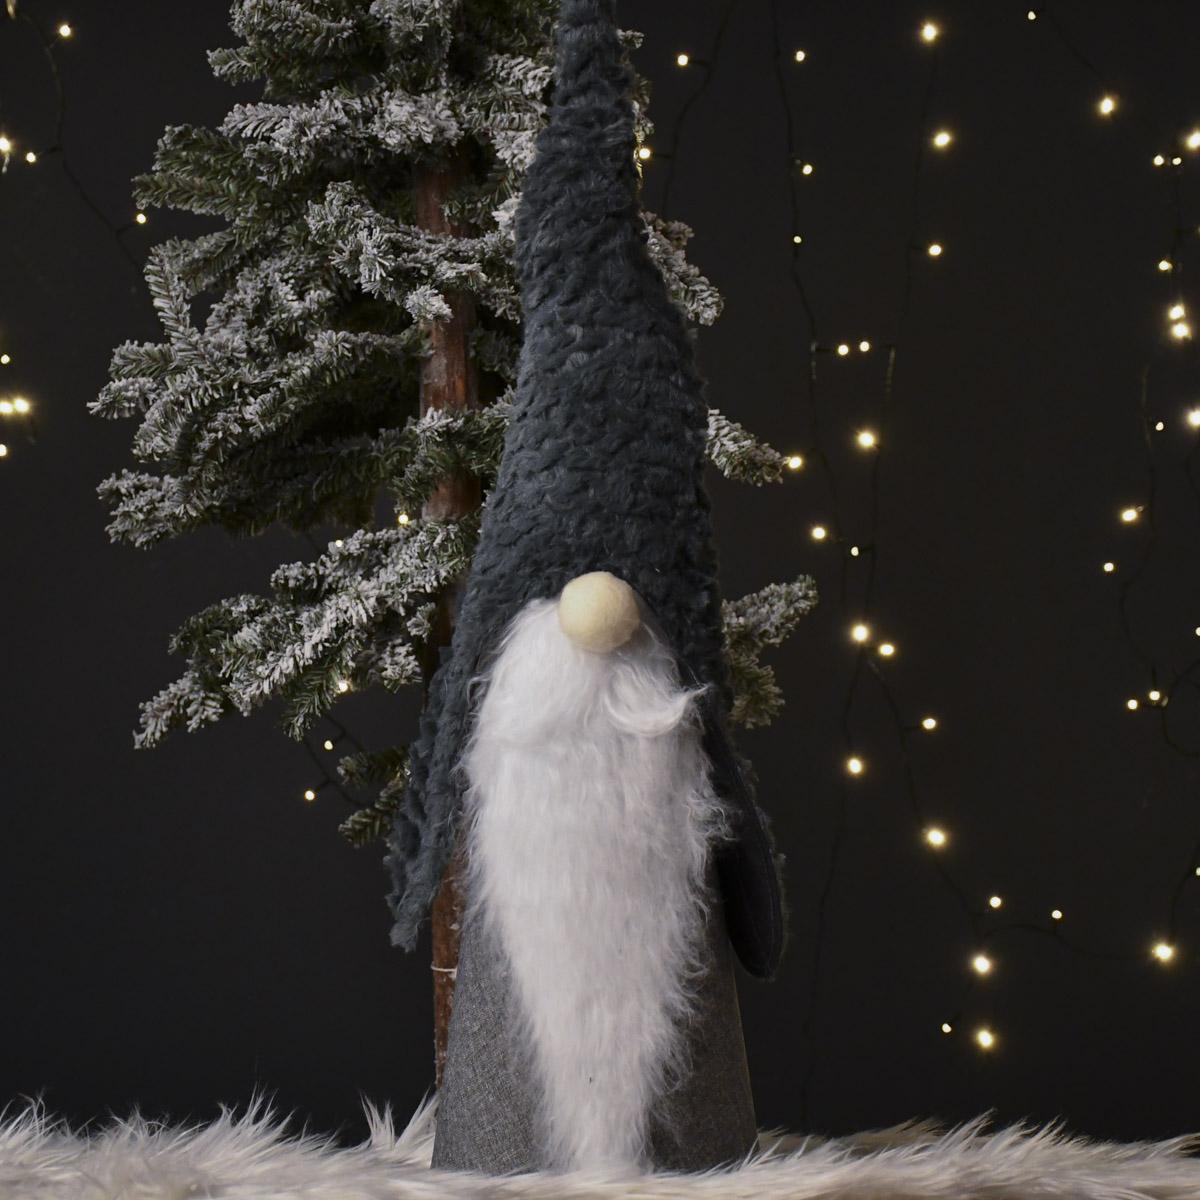 schultuetenwichtel weihnachten